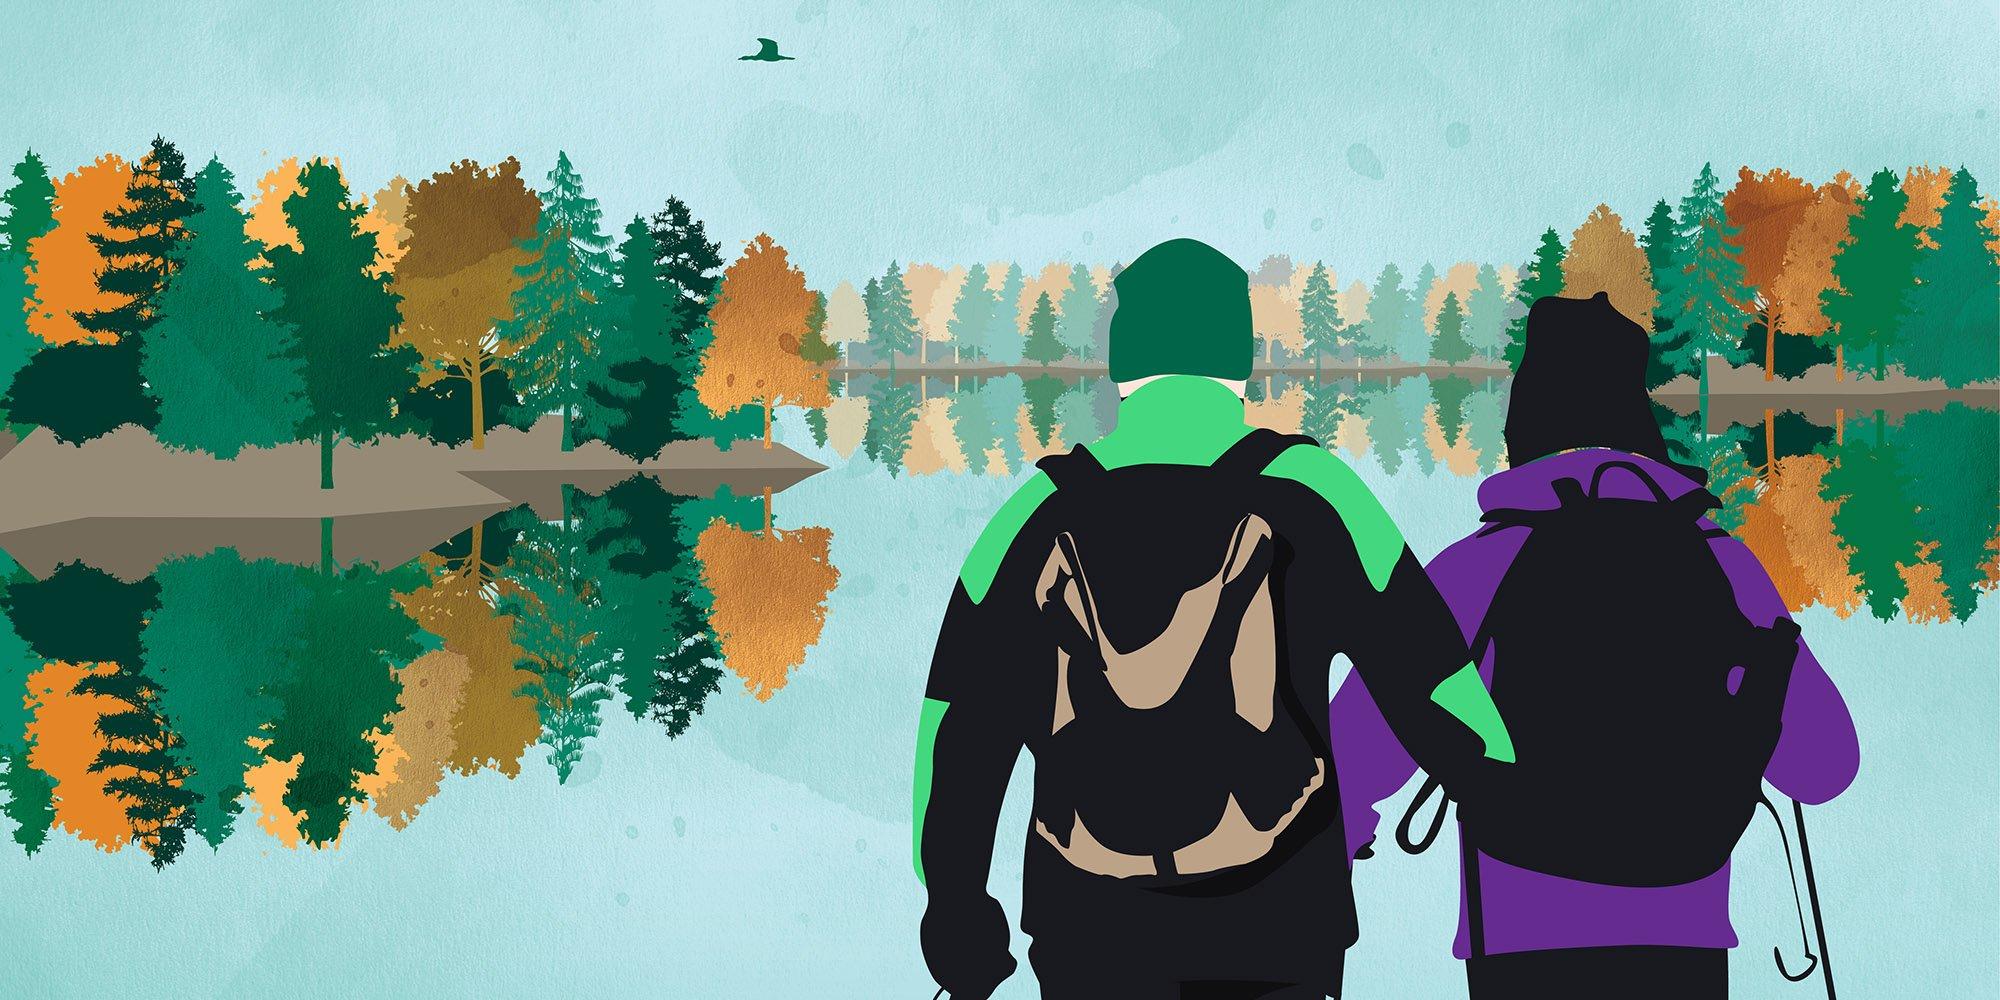 Syksyinen piirroskuva ulkoilevasta pariskunnasta, joka katsoo syksyistä järvimaisemaa